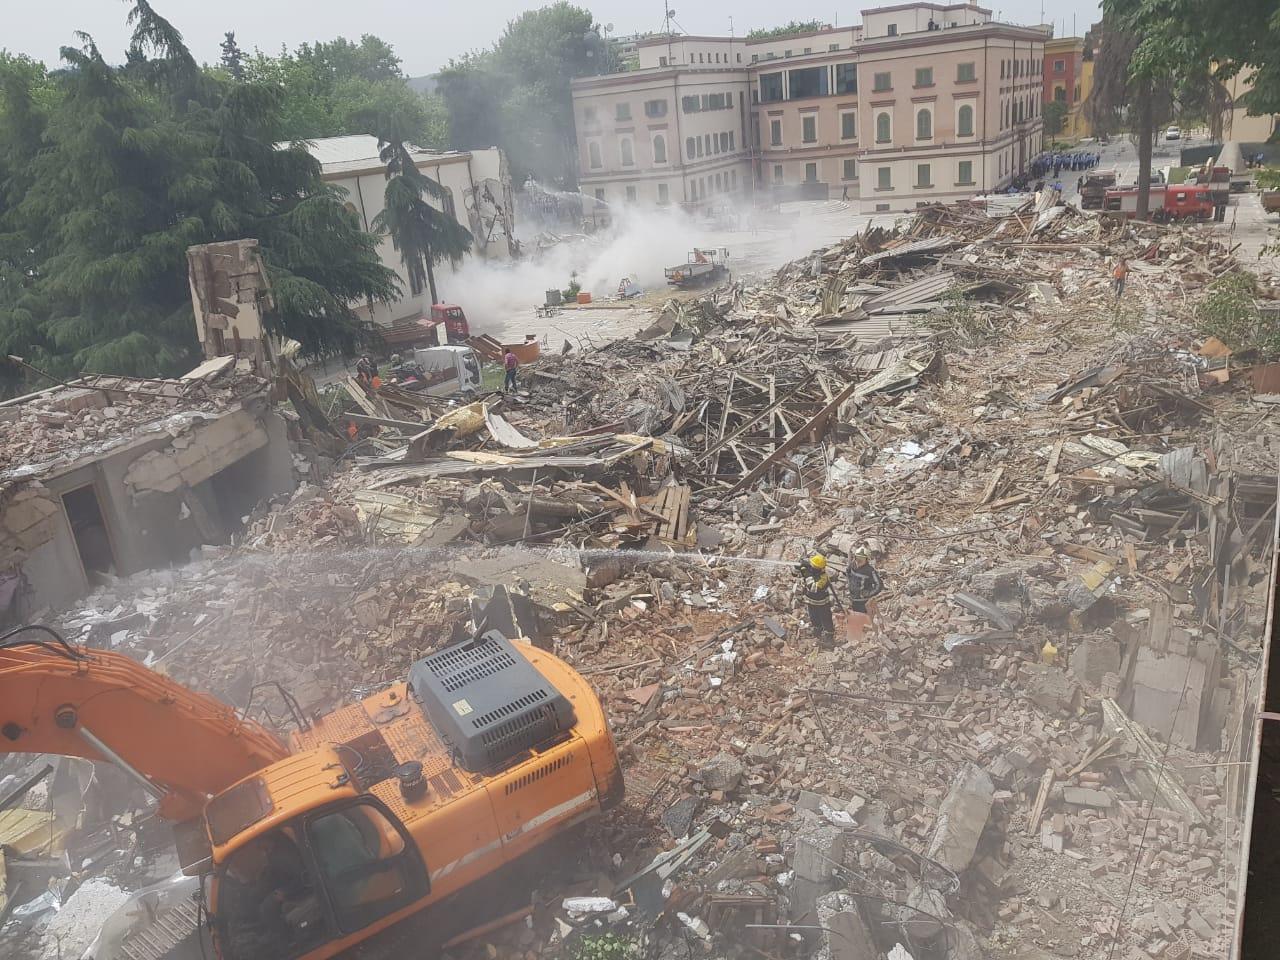 La demolizione del Teatro Nazionale di Tirana